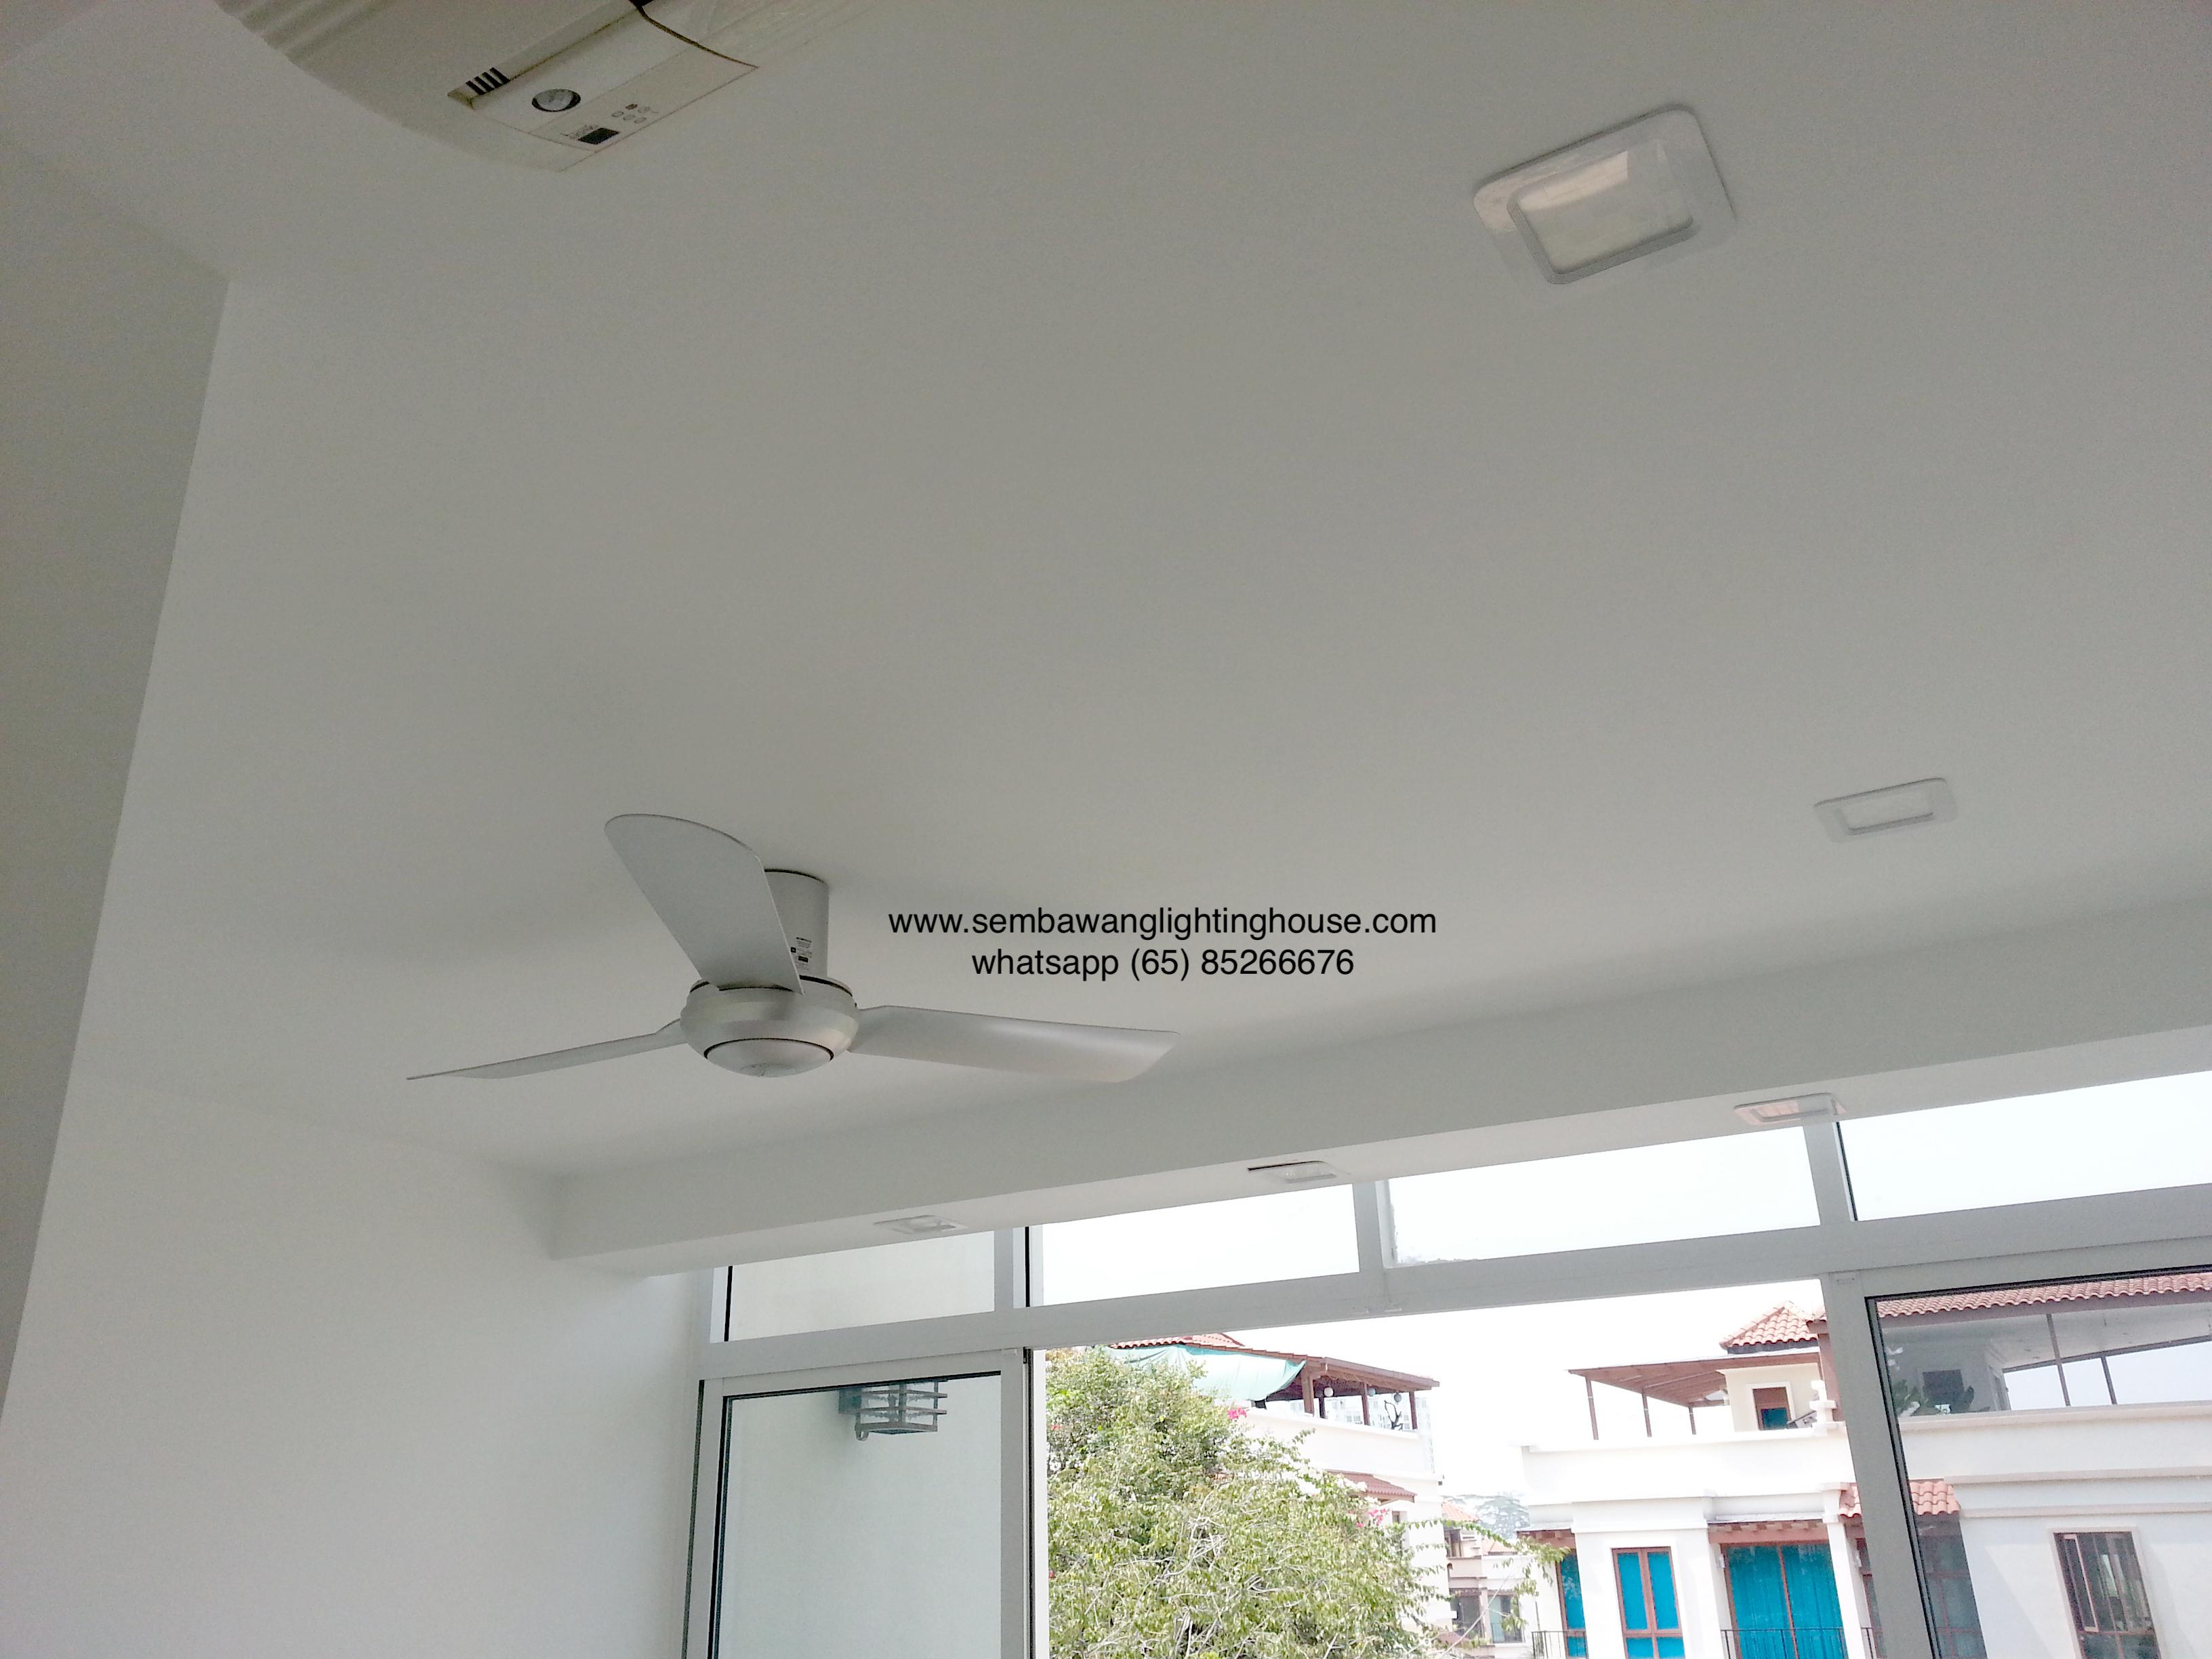 kdk-m11su-silver-ceiling-fan-sembawang-lighting-house-sample-04.jpg